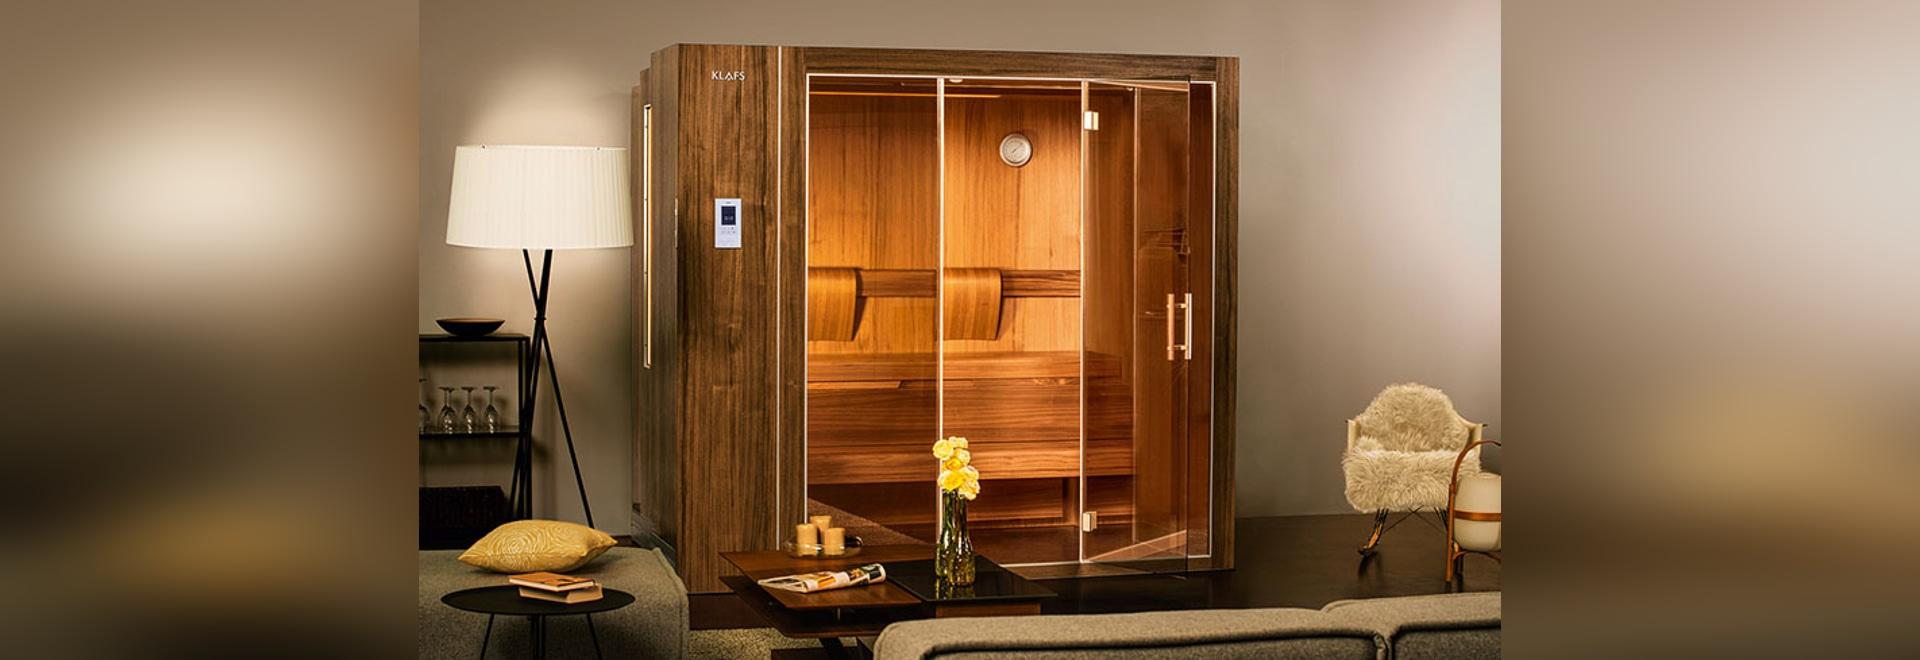 Estas saunas se amplían y contratan así que pueden caber en hogares más pequeños